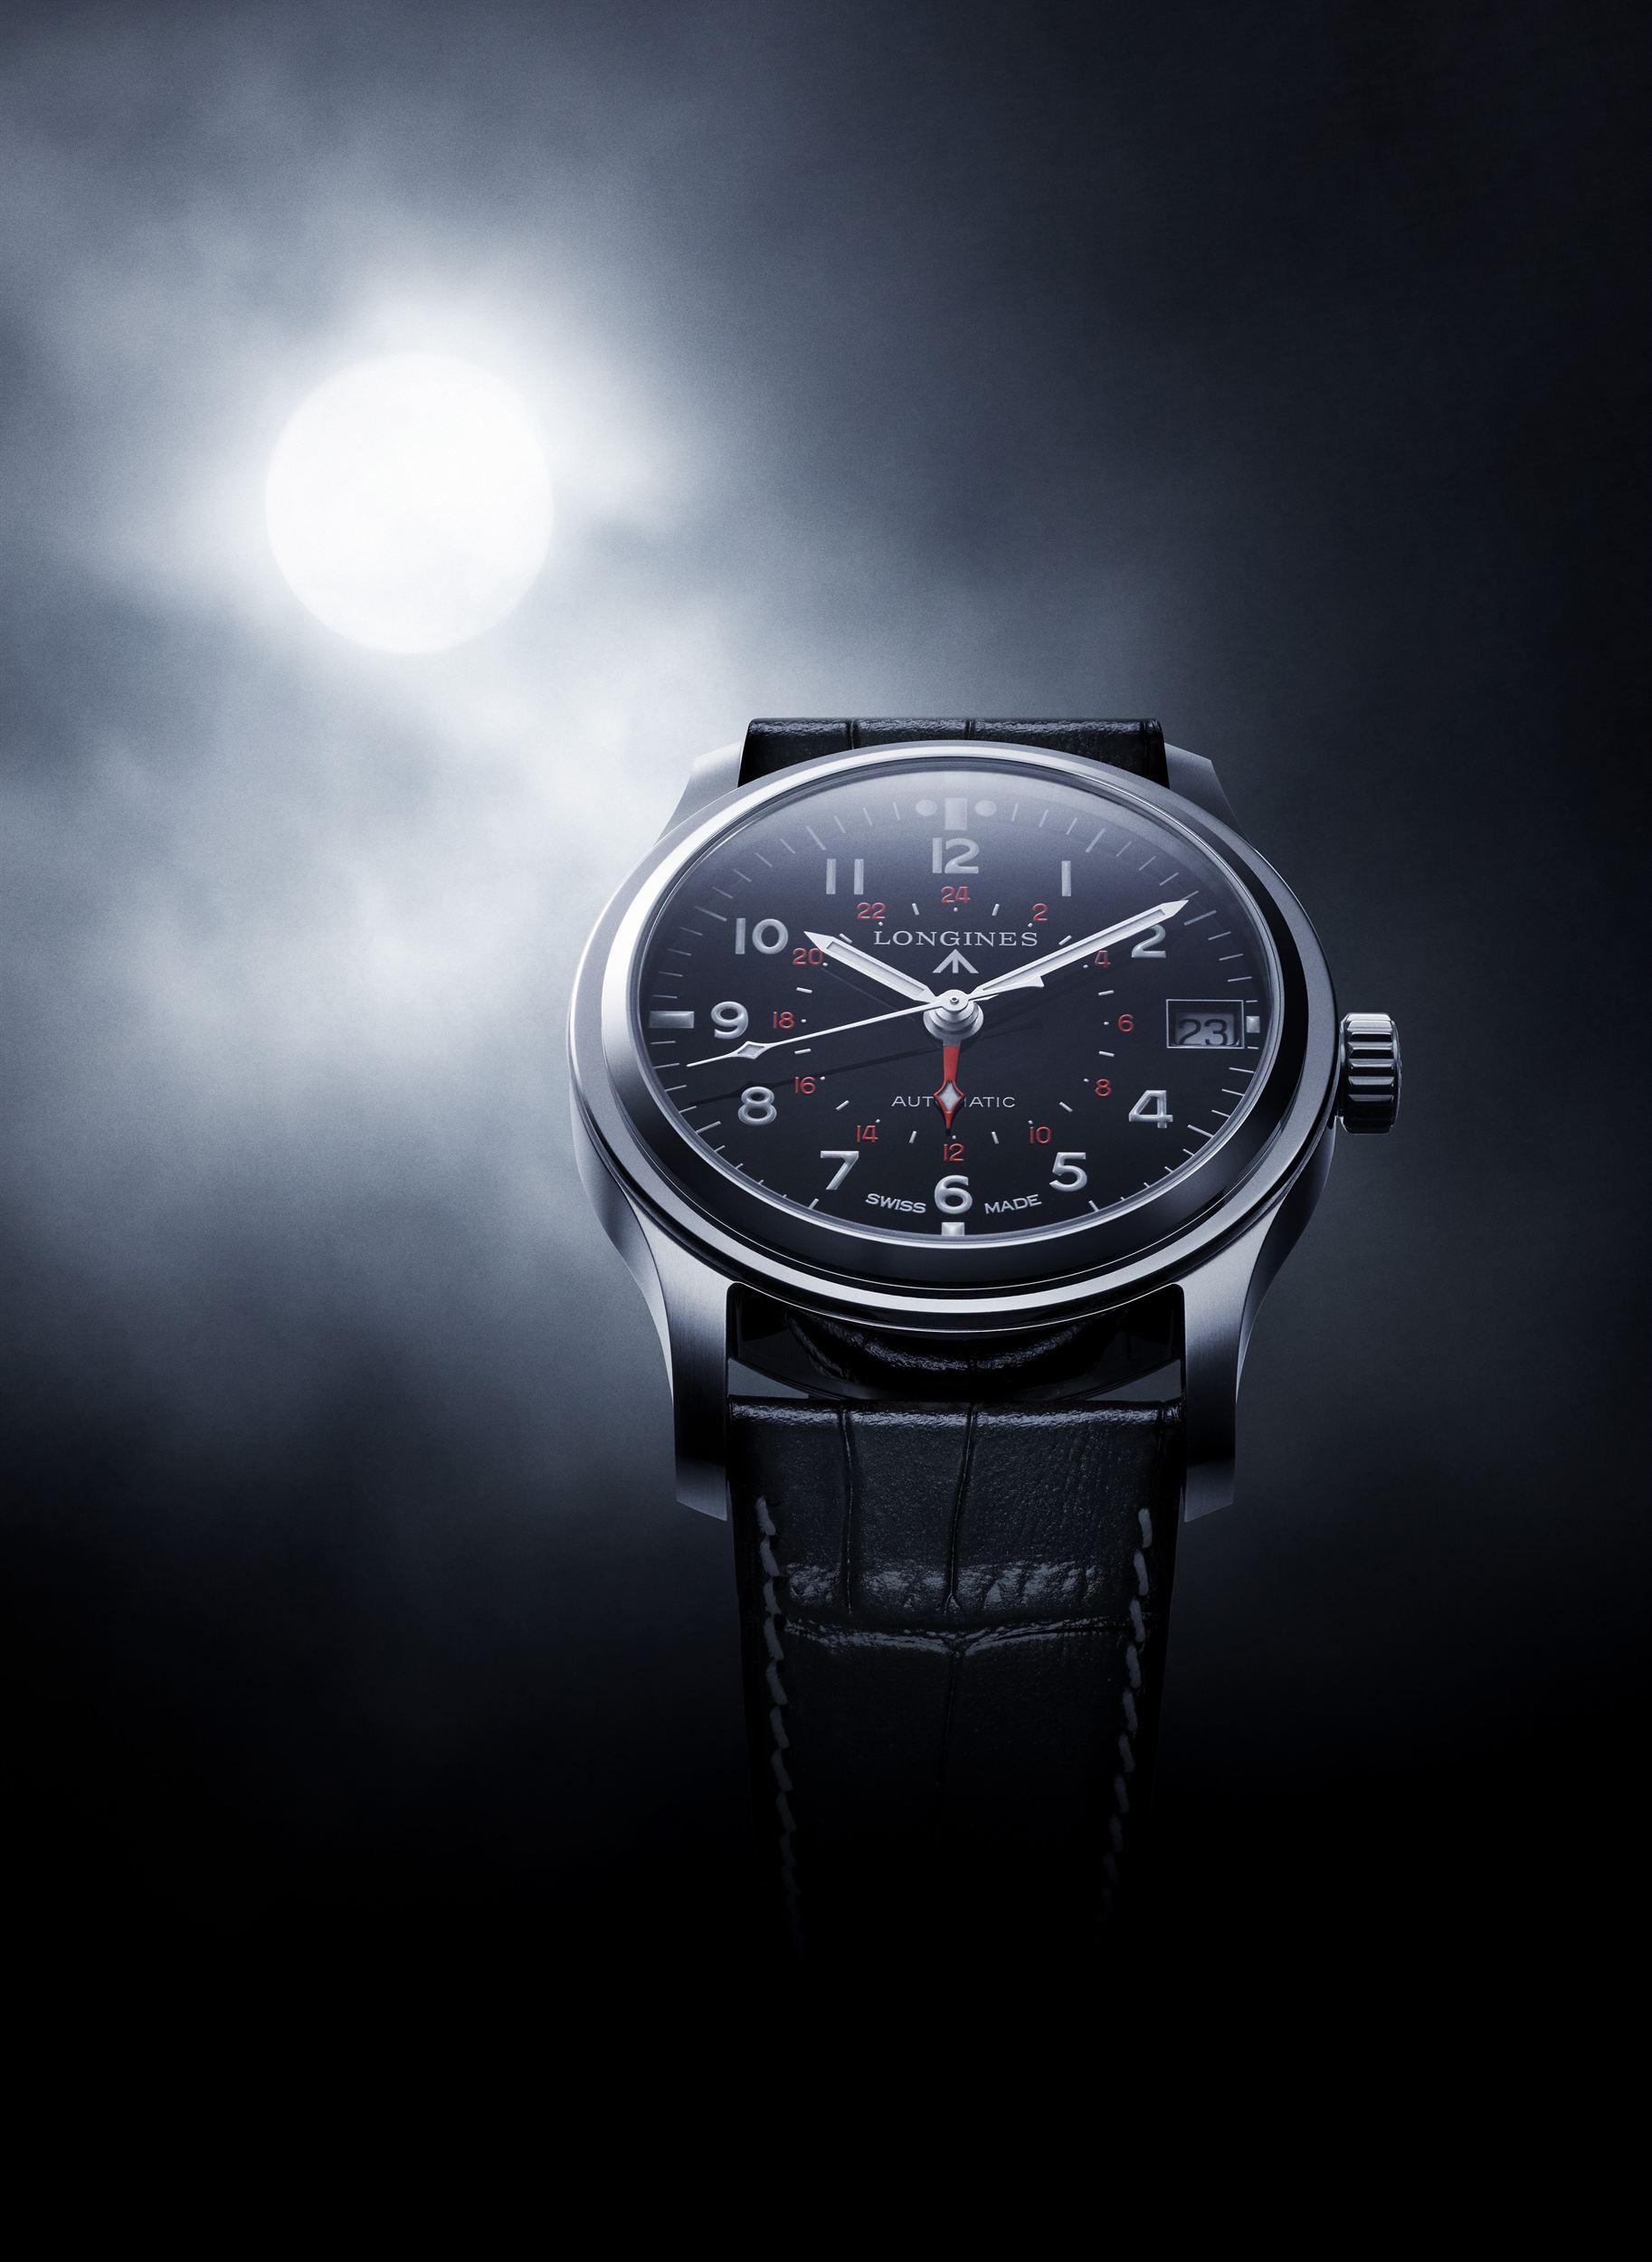 航空時計の伝統を今に伝えるロンジンのへリテージ コレクション新作_f0039351_164314.jpg